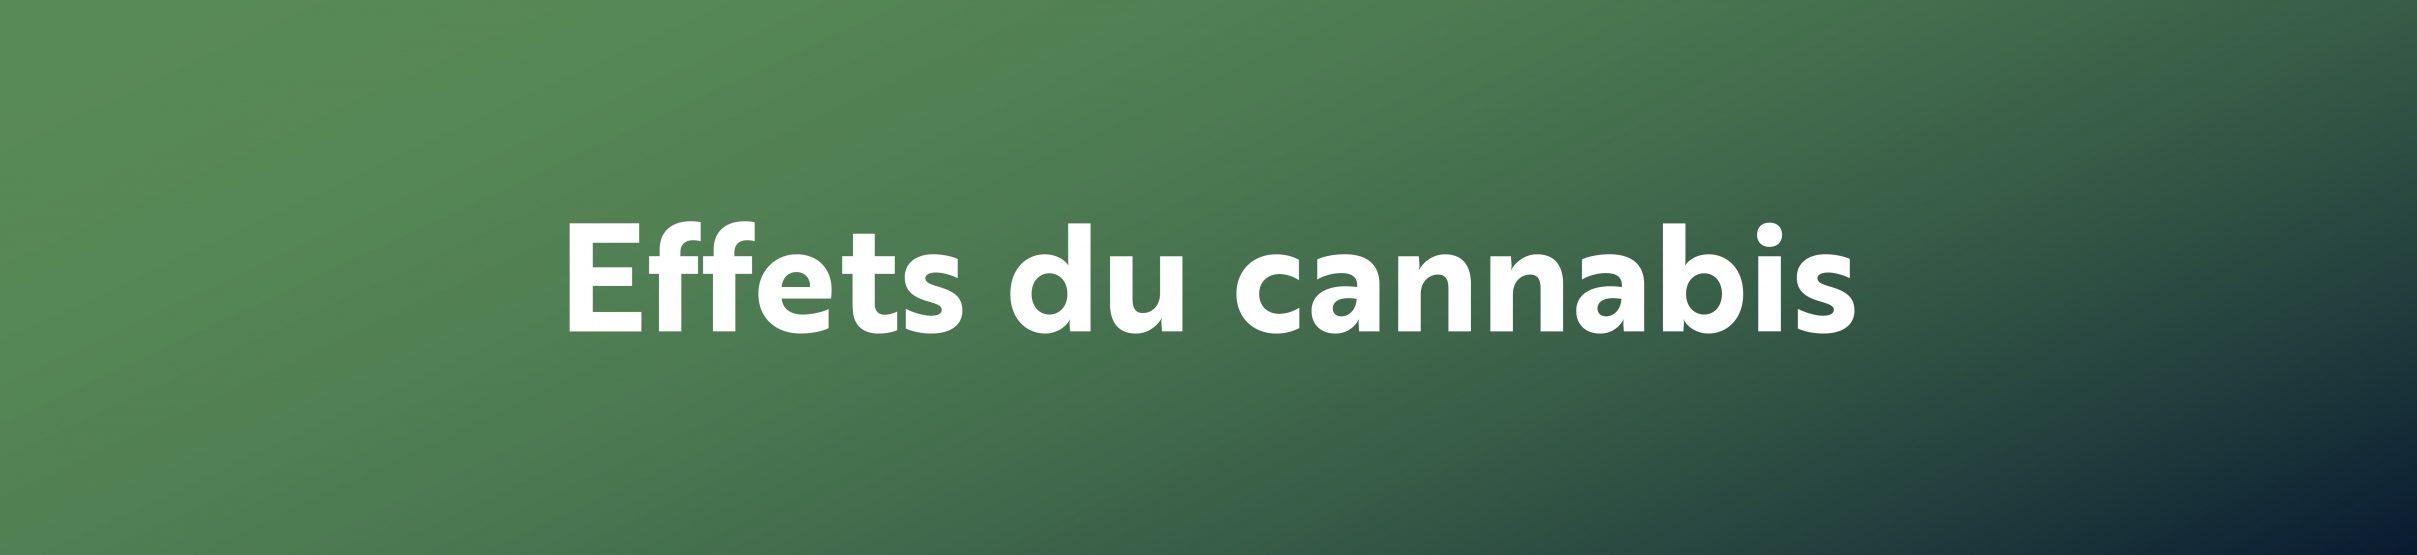 effet du cannabis